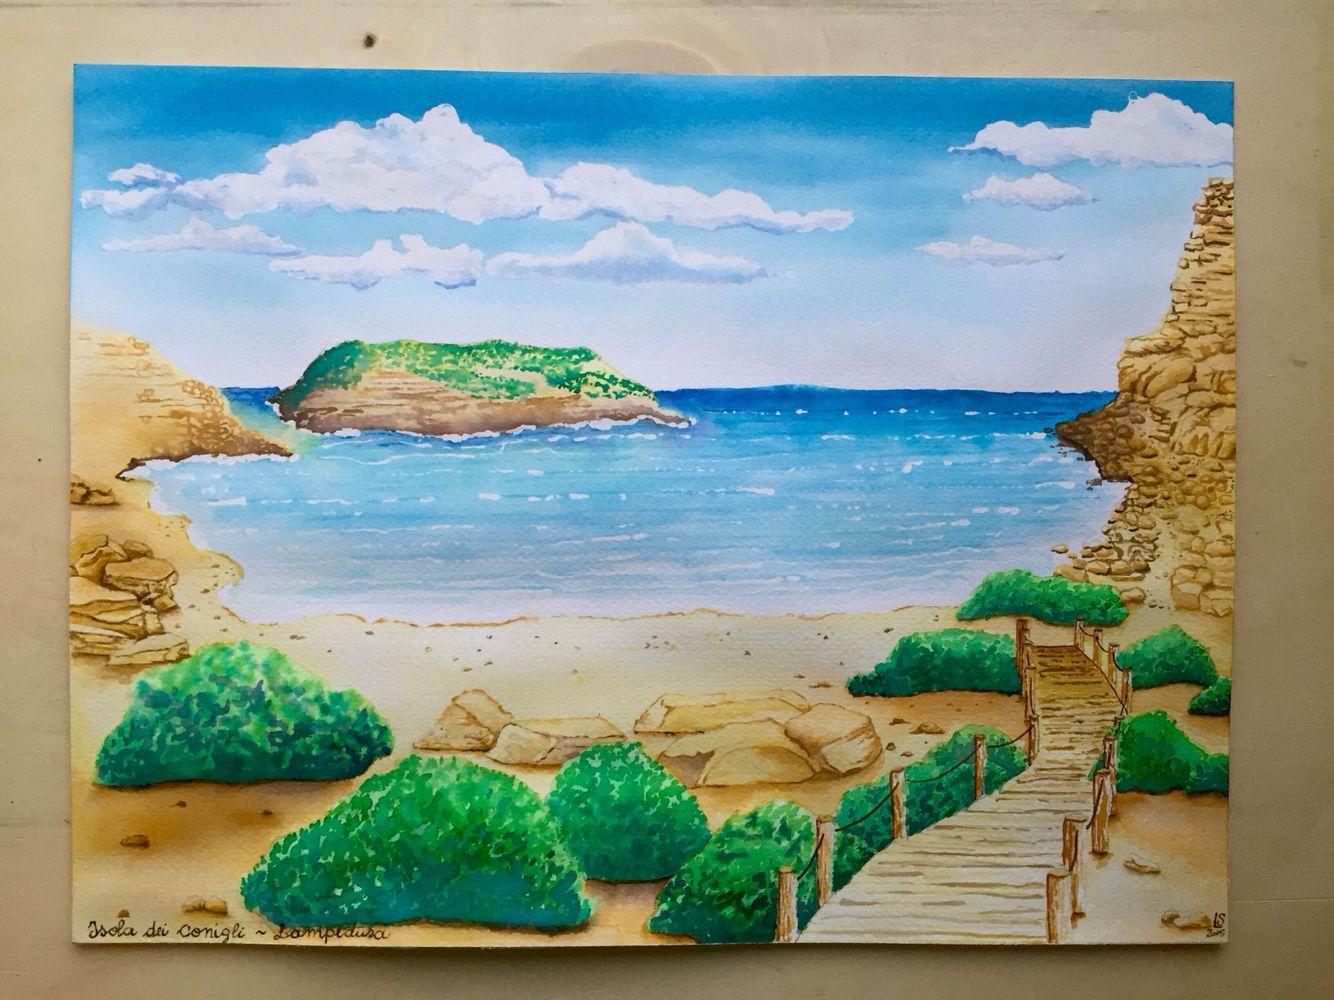 Isola dei conigli, Lampedusa  (30x40cm - ecoline)  by Laura Sclavi